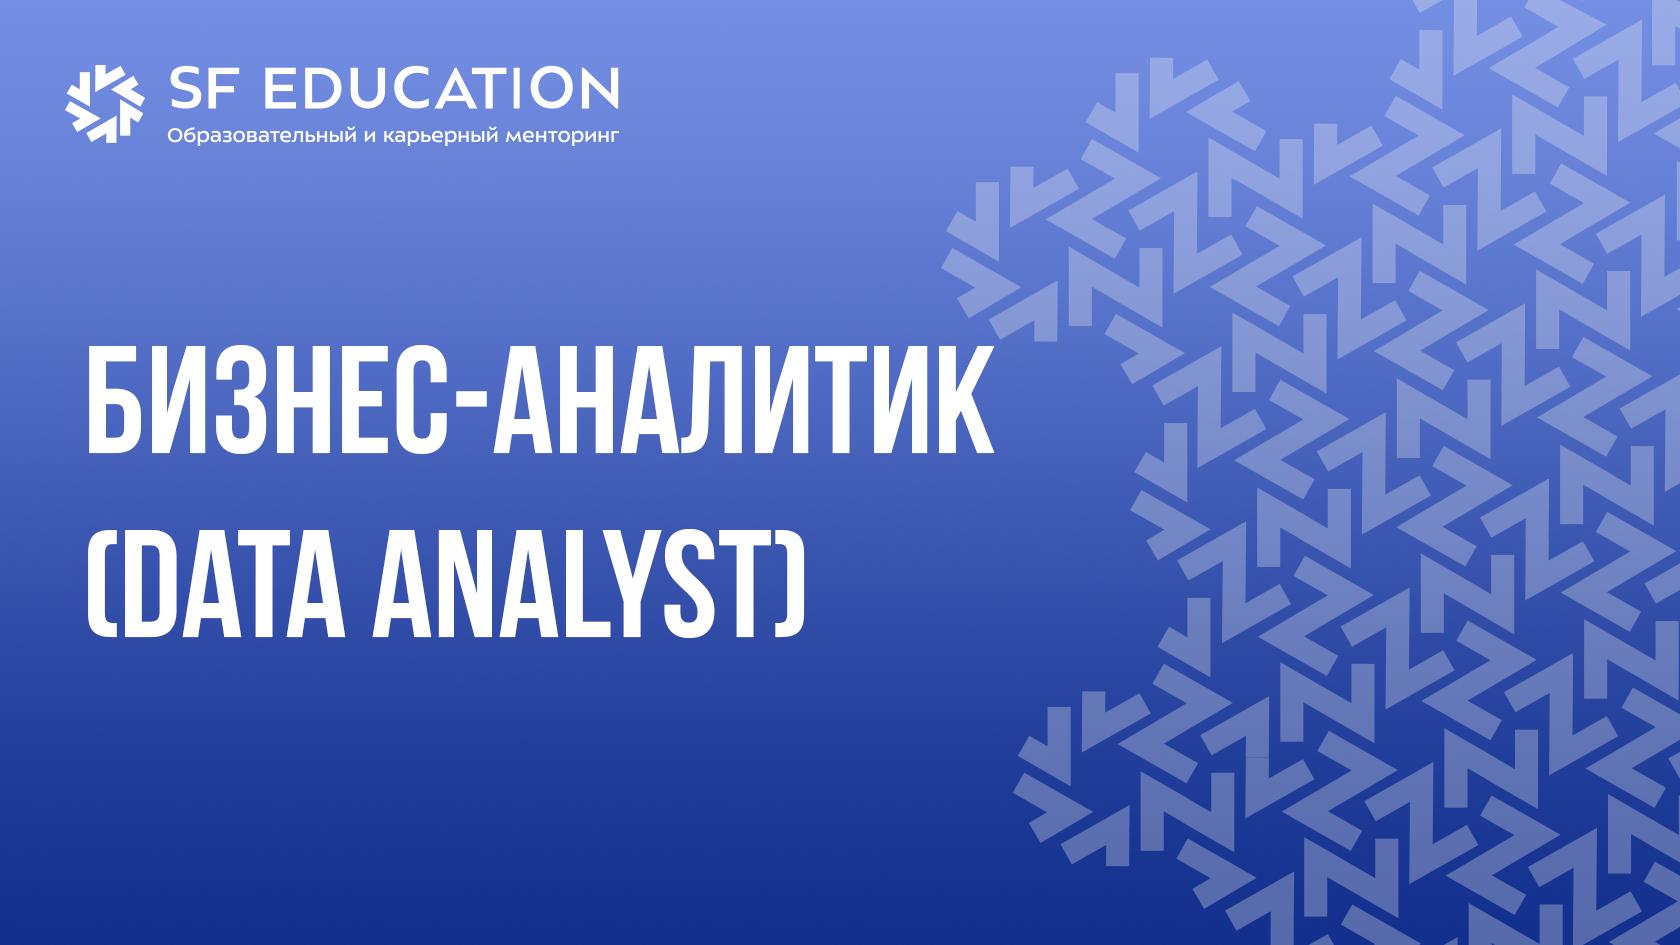 Бизнес-аналитик (Data Analyst)